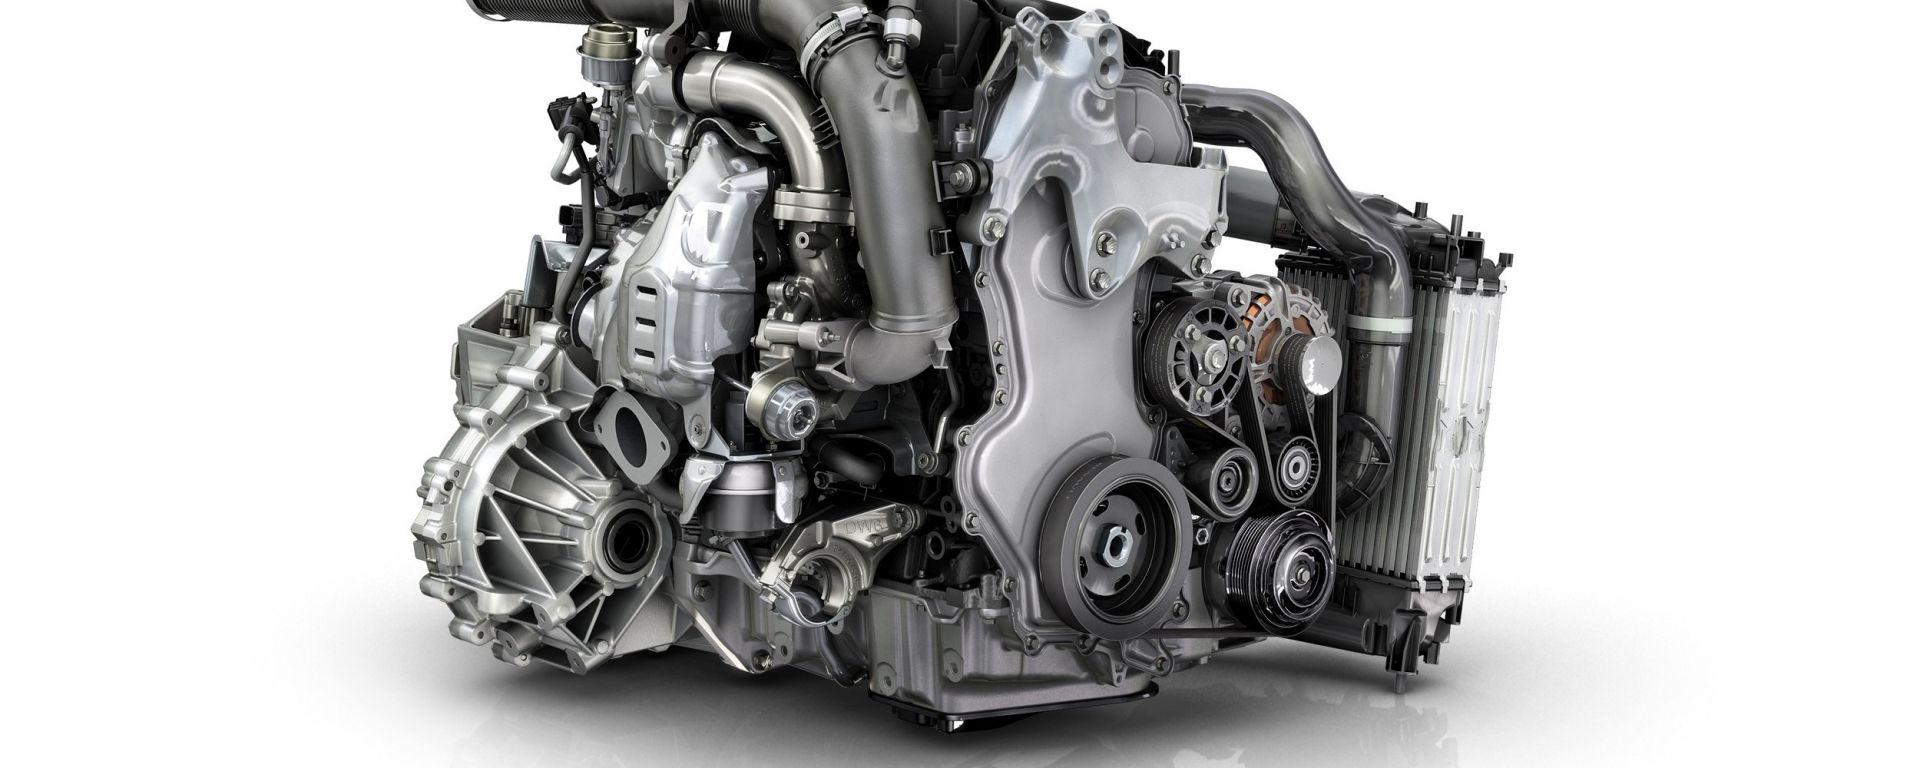 Renault Energy 1.6 dCi 160 Twin Turbo